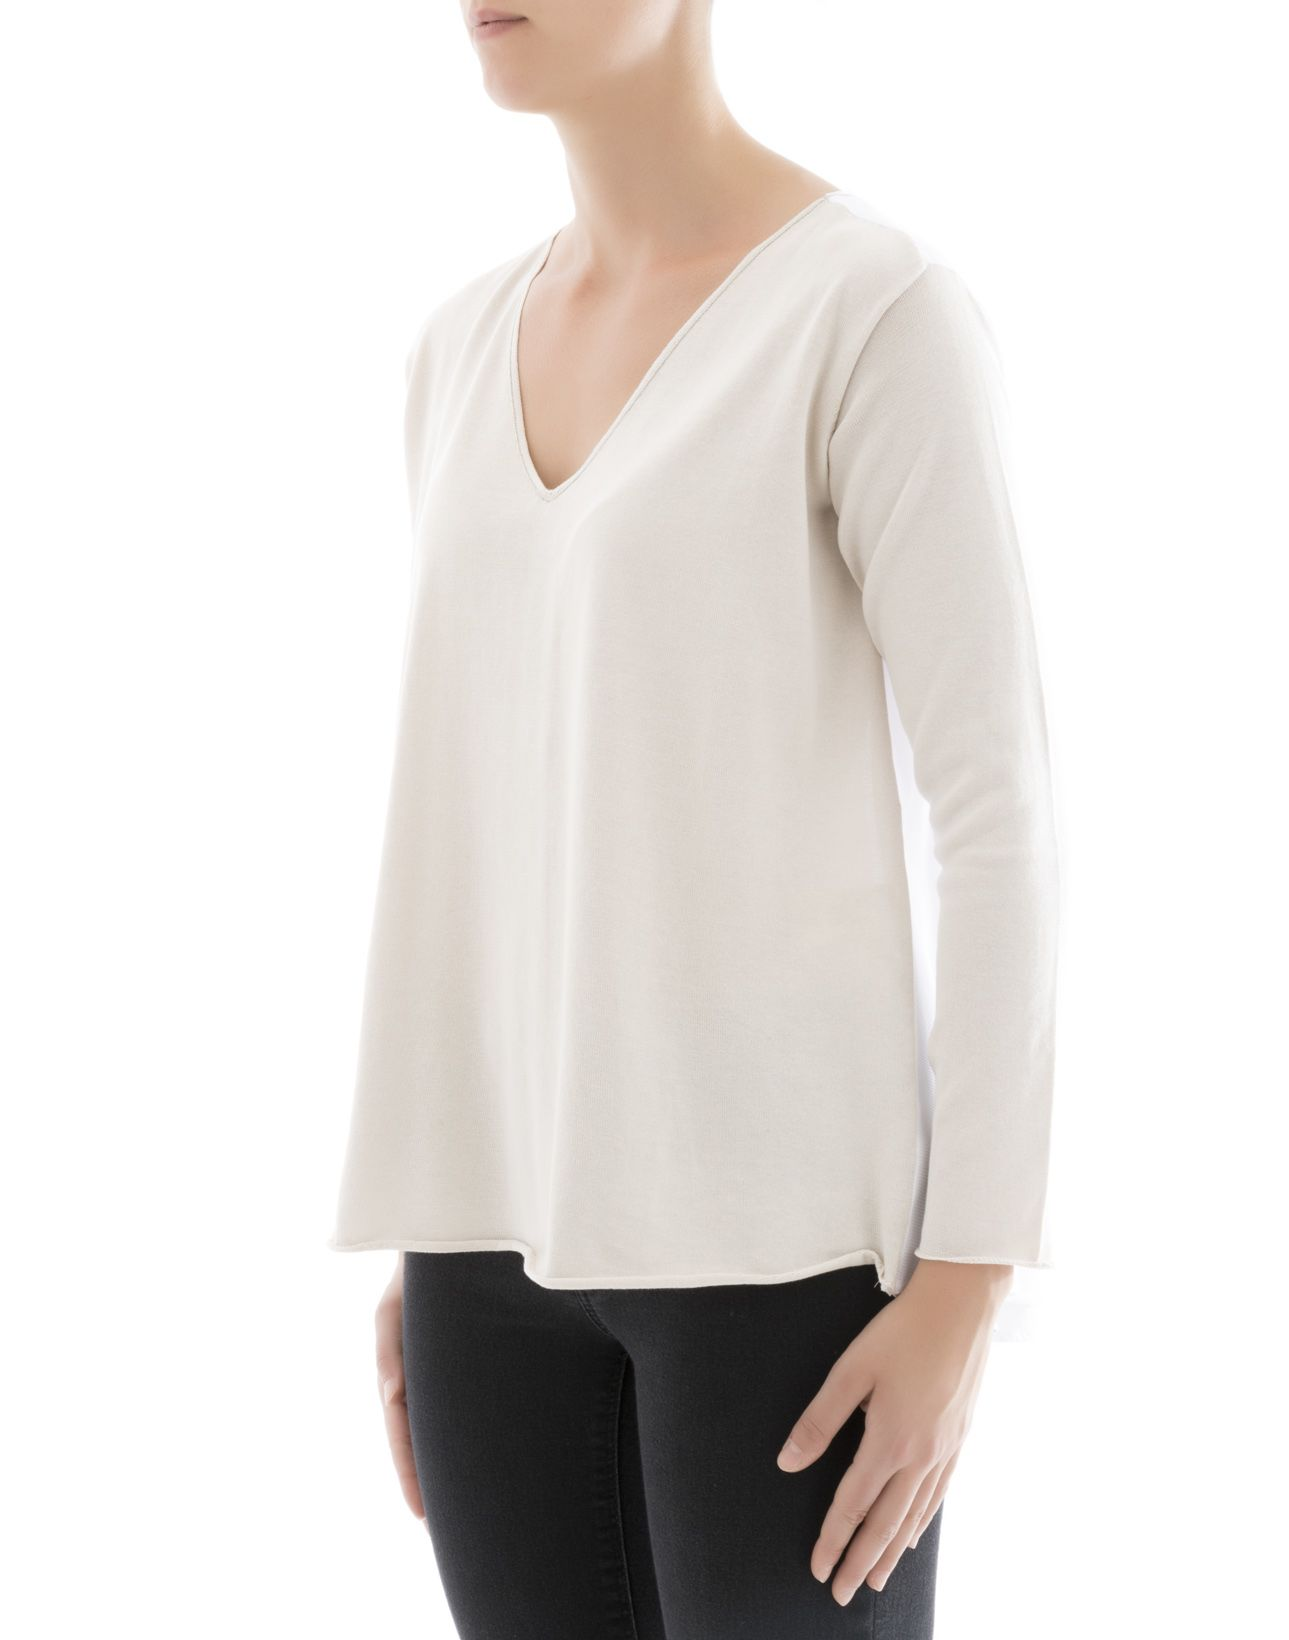 Fabiana Filippi - Beige Cotton Sweater - Beige, Women's Sweaters ...